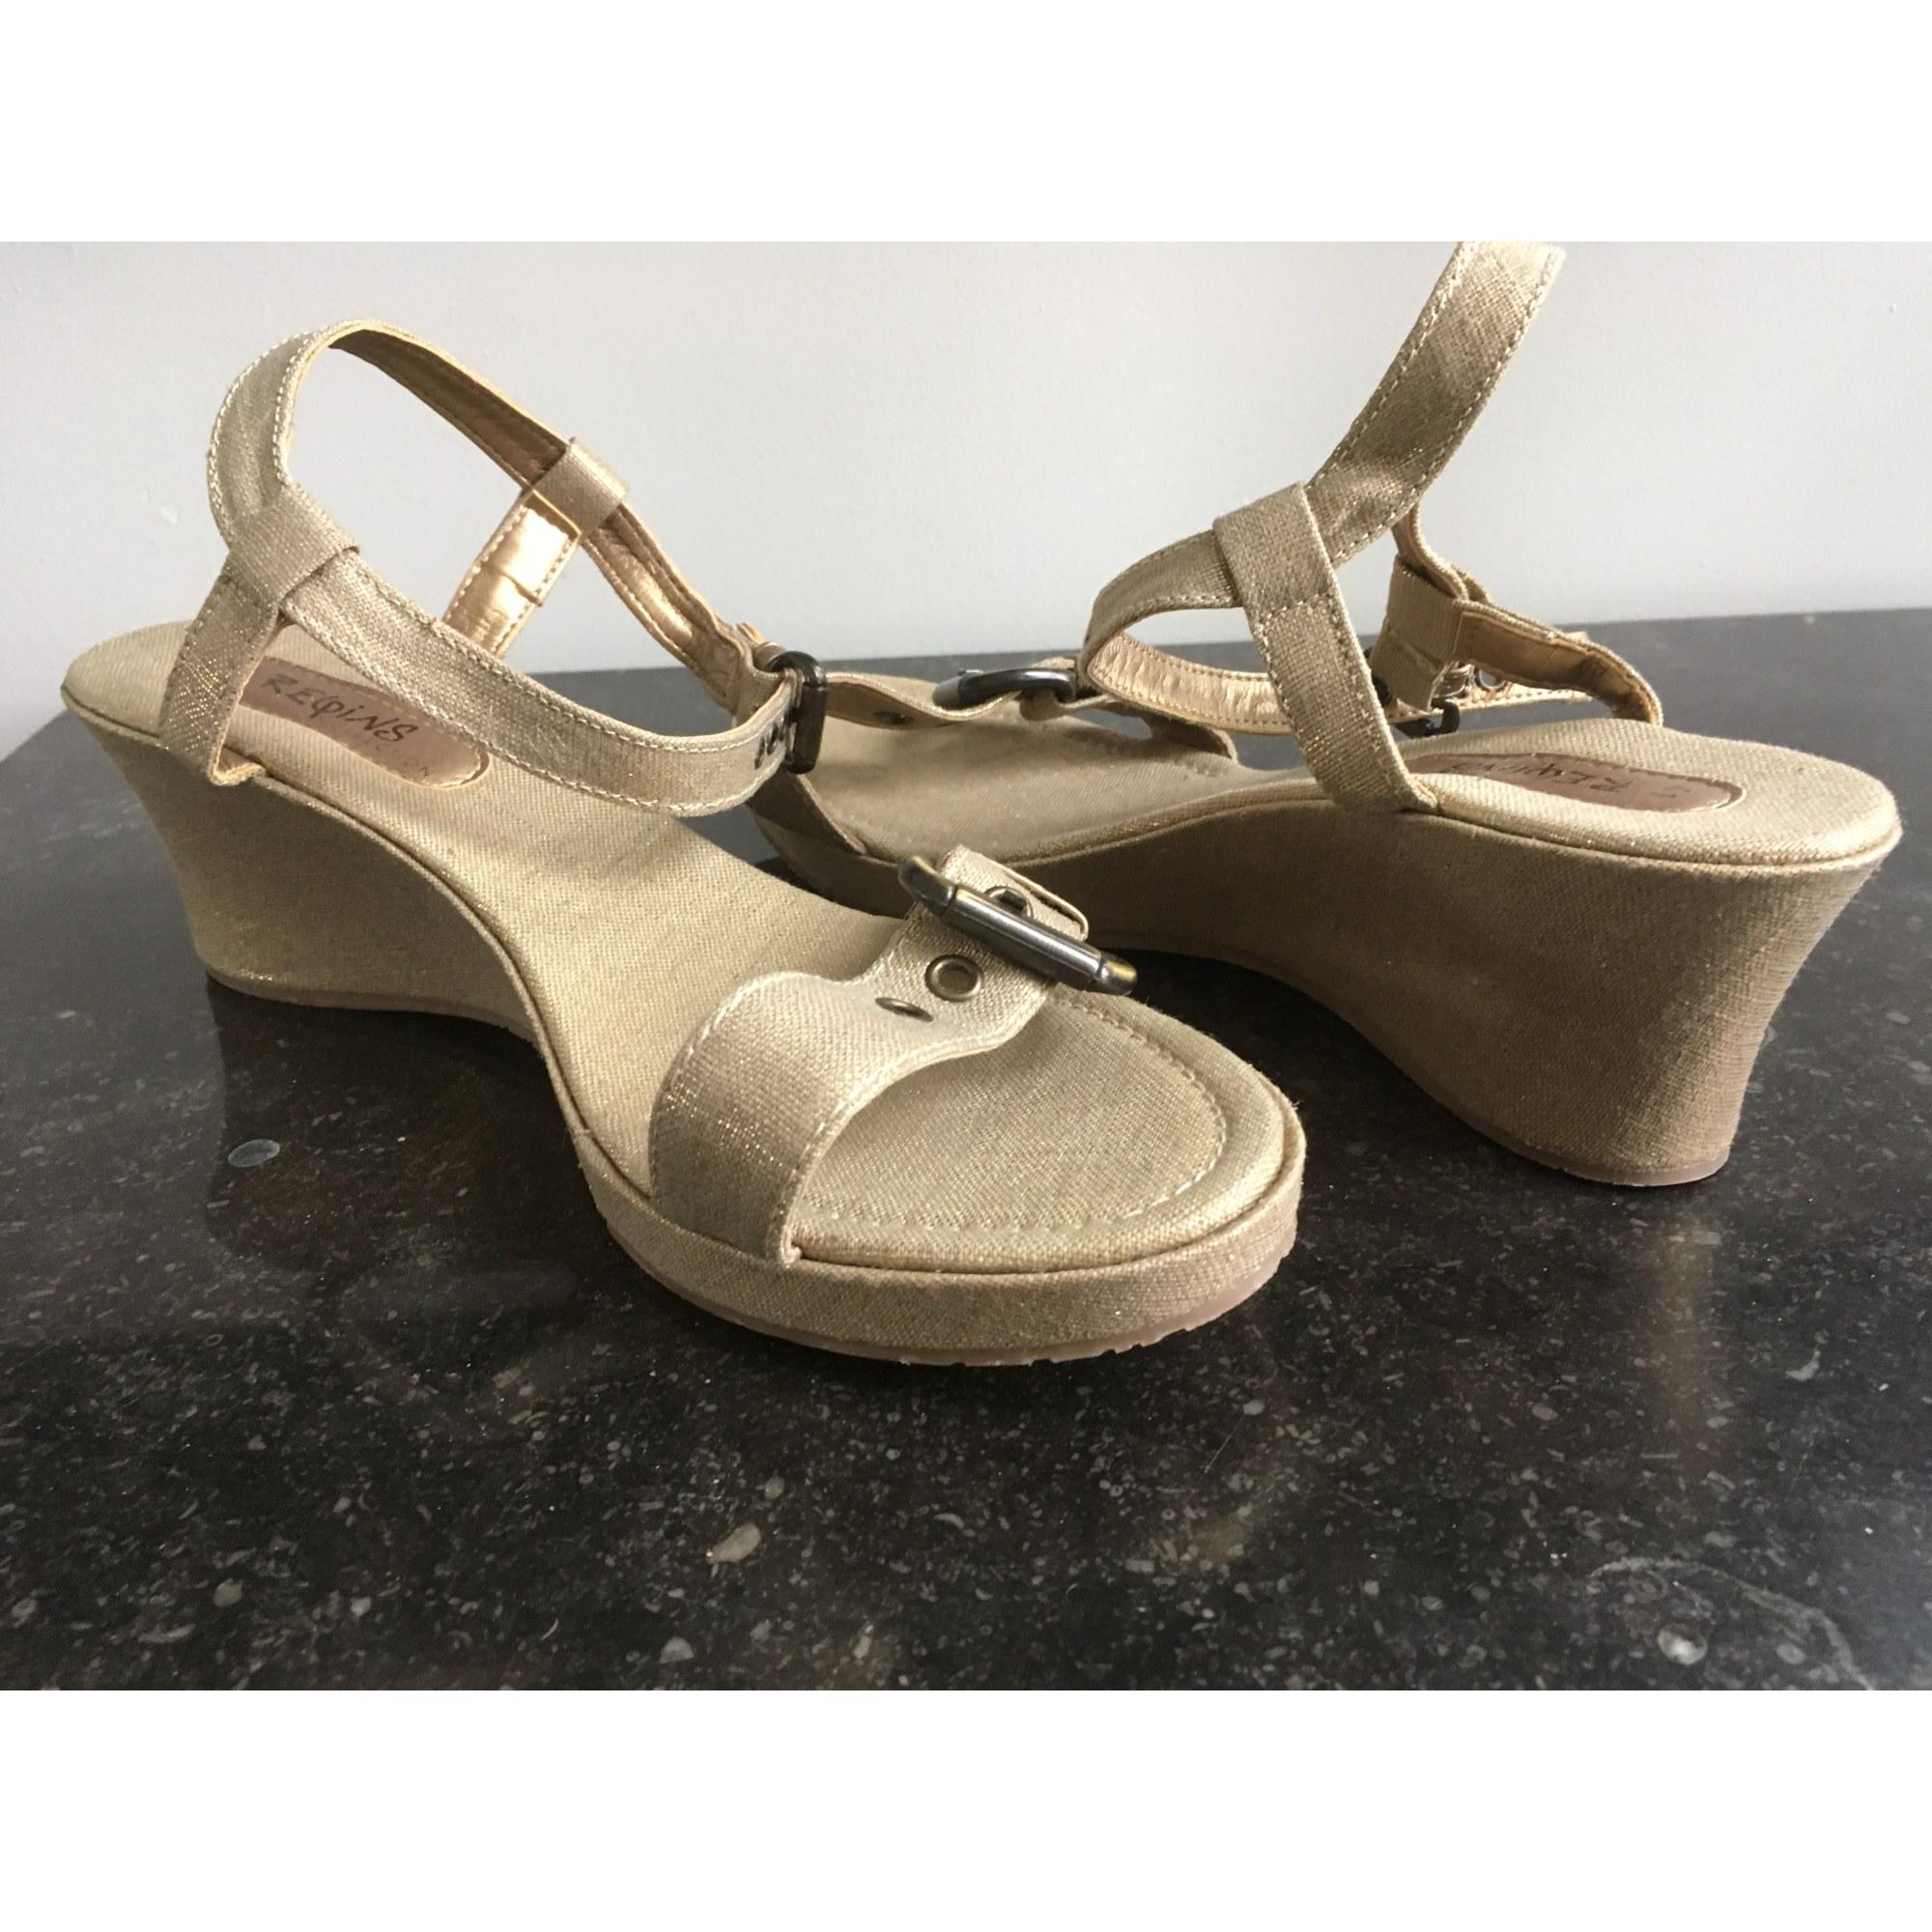 Sandales compensées REQINS Doré, bronze, cuivre